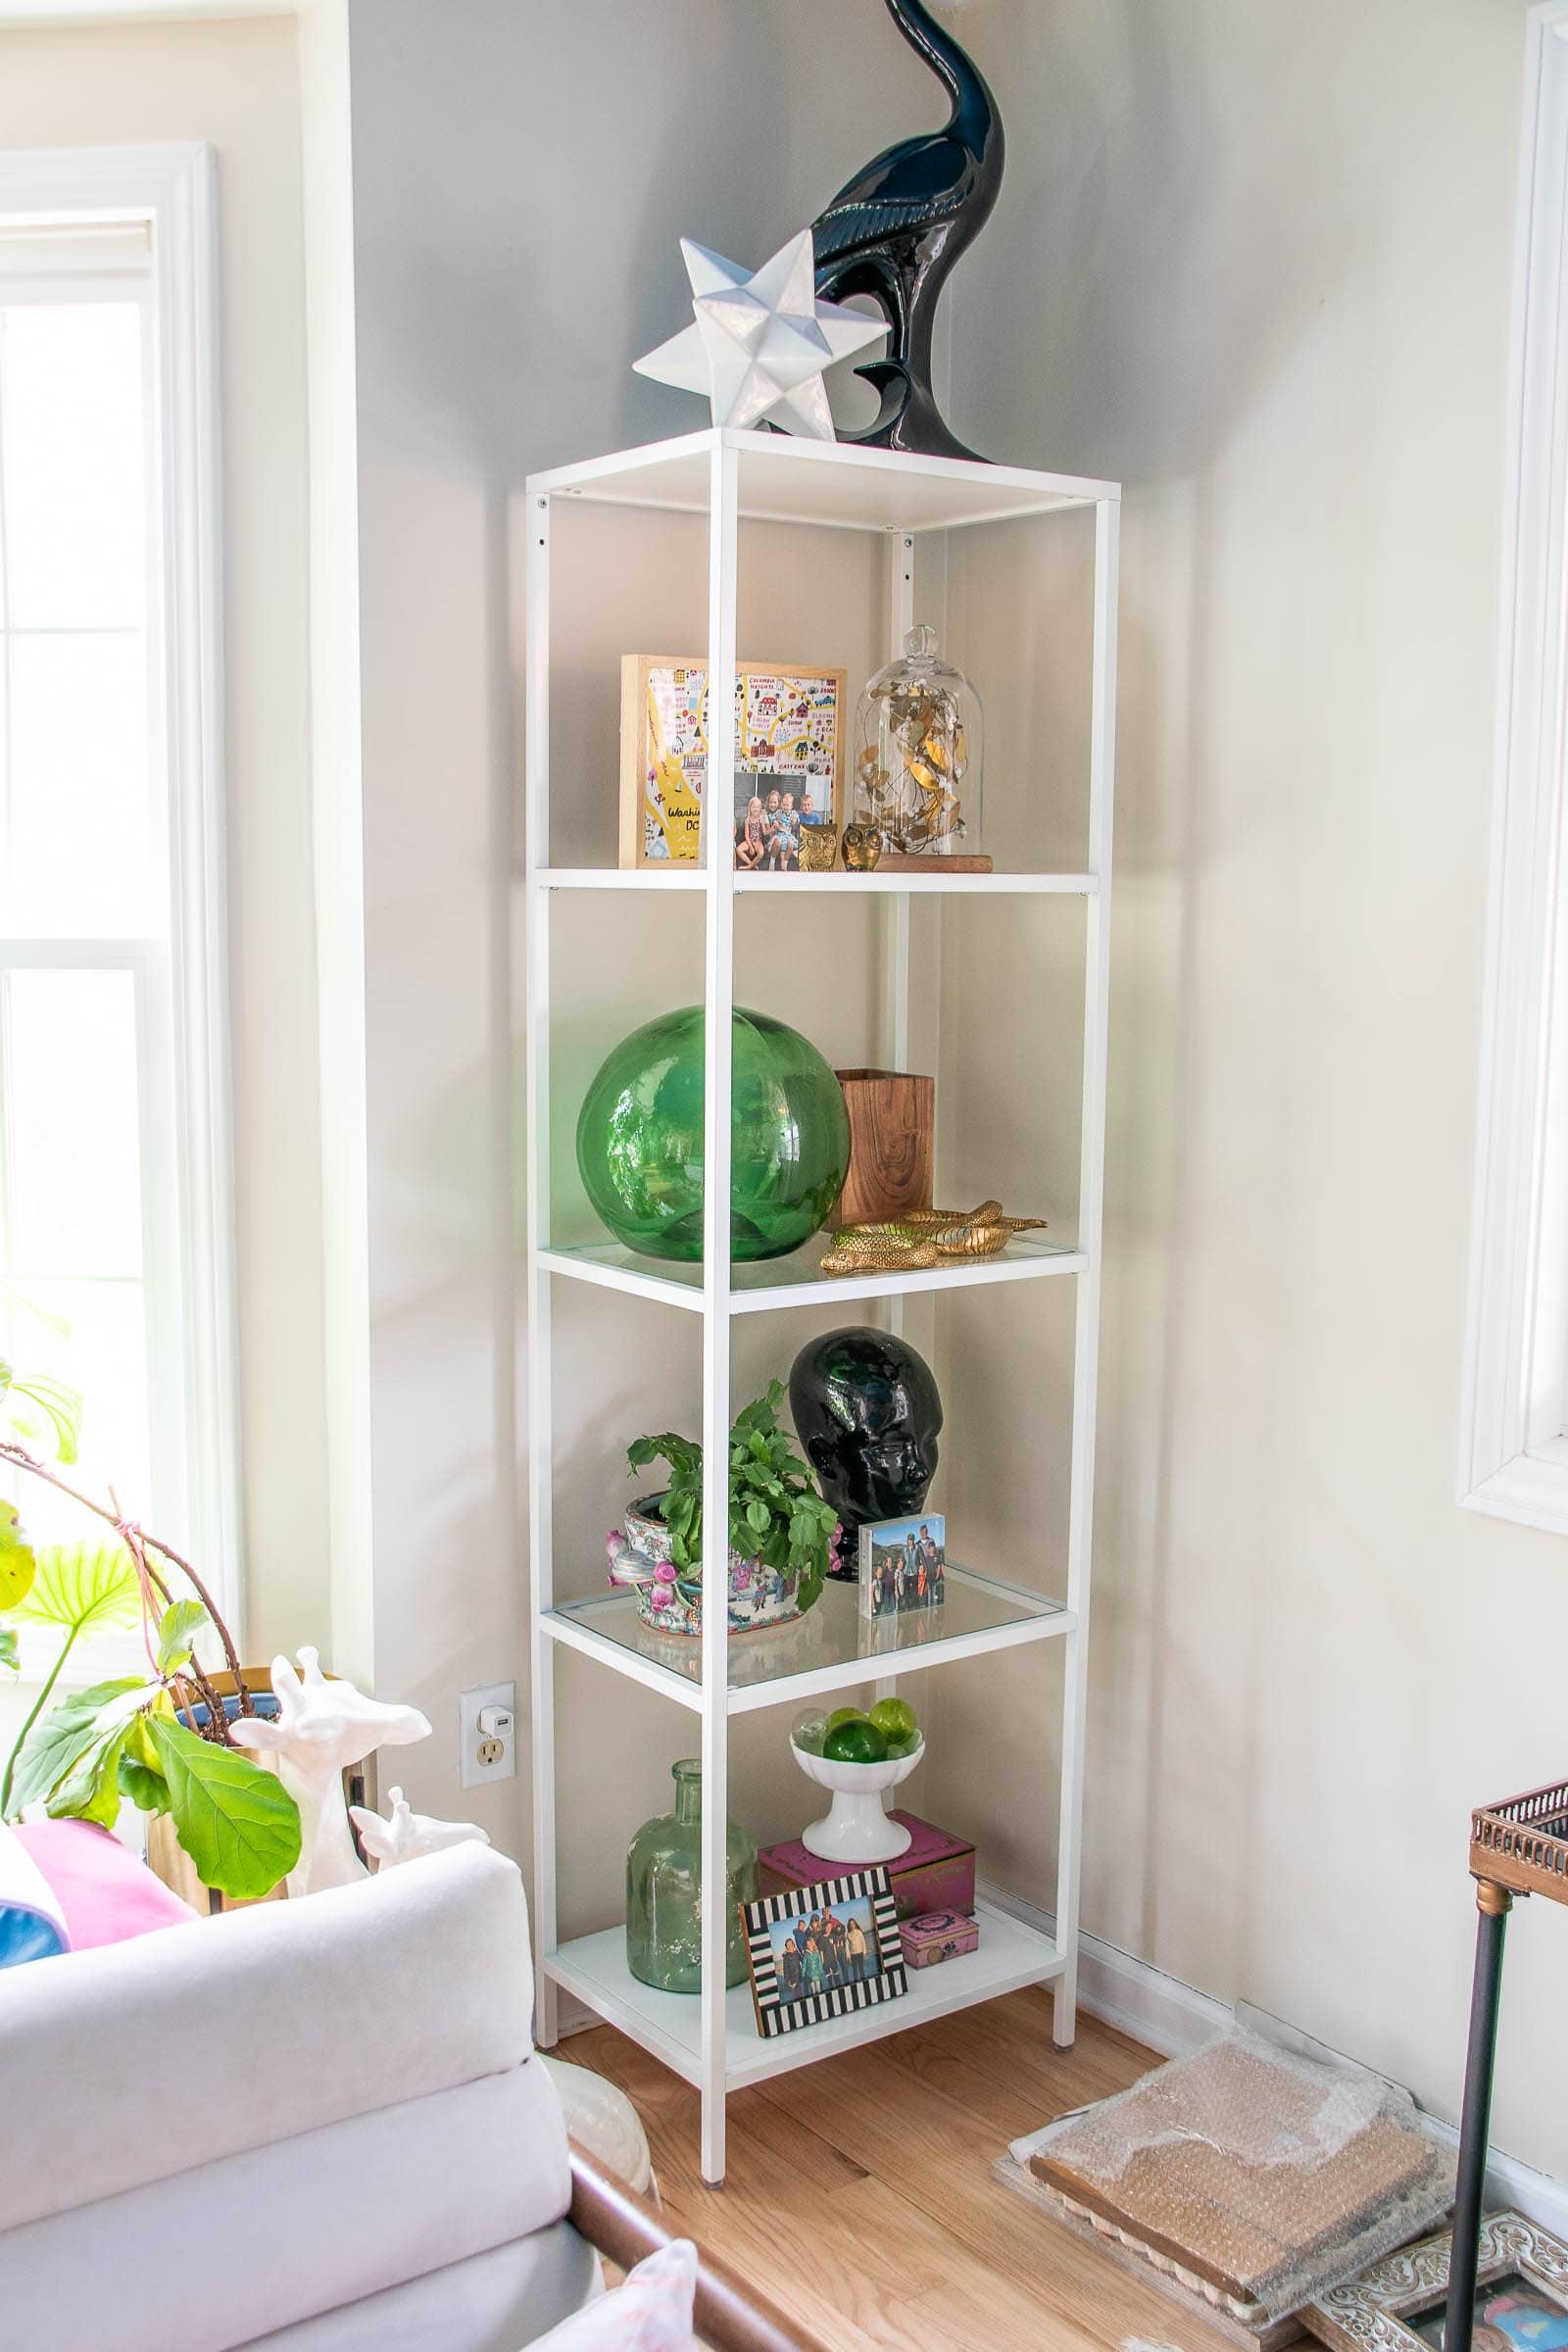 shelf styling in process